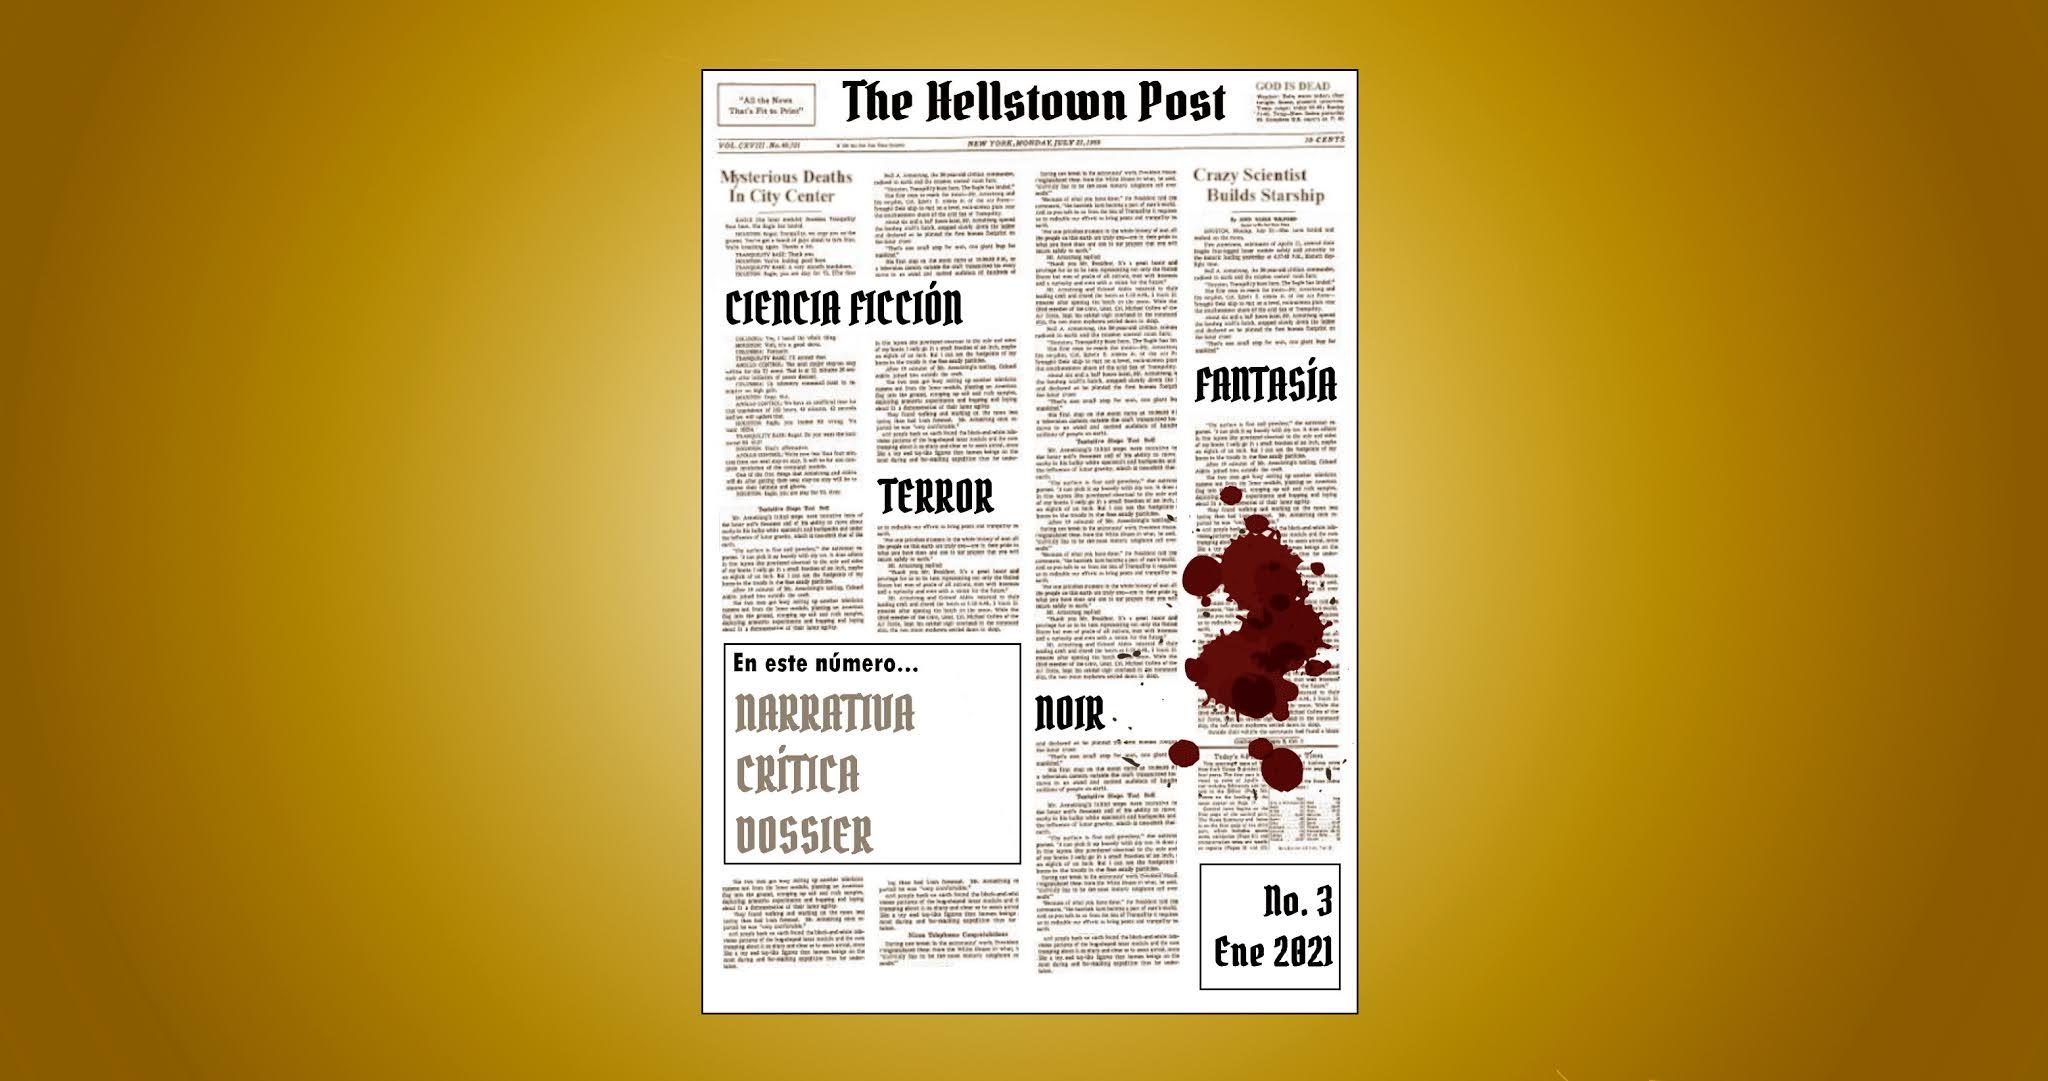 The Hellstown Post | Revista de literatura fantástica, de terror y ci-fi.